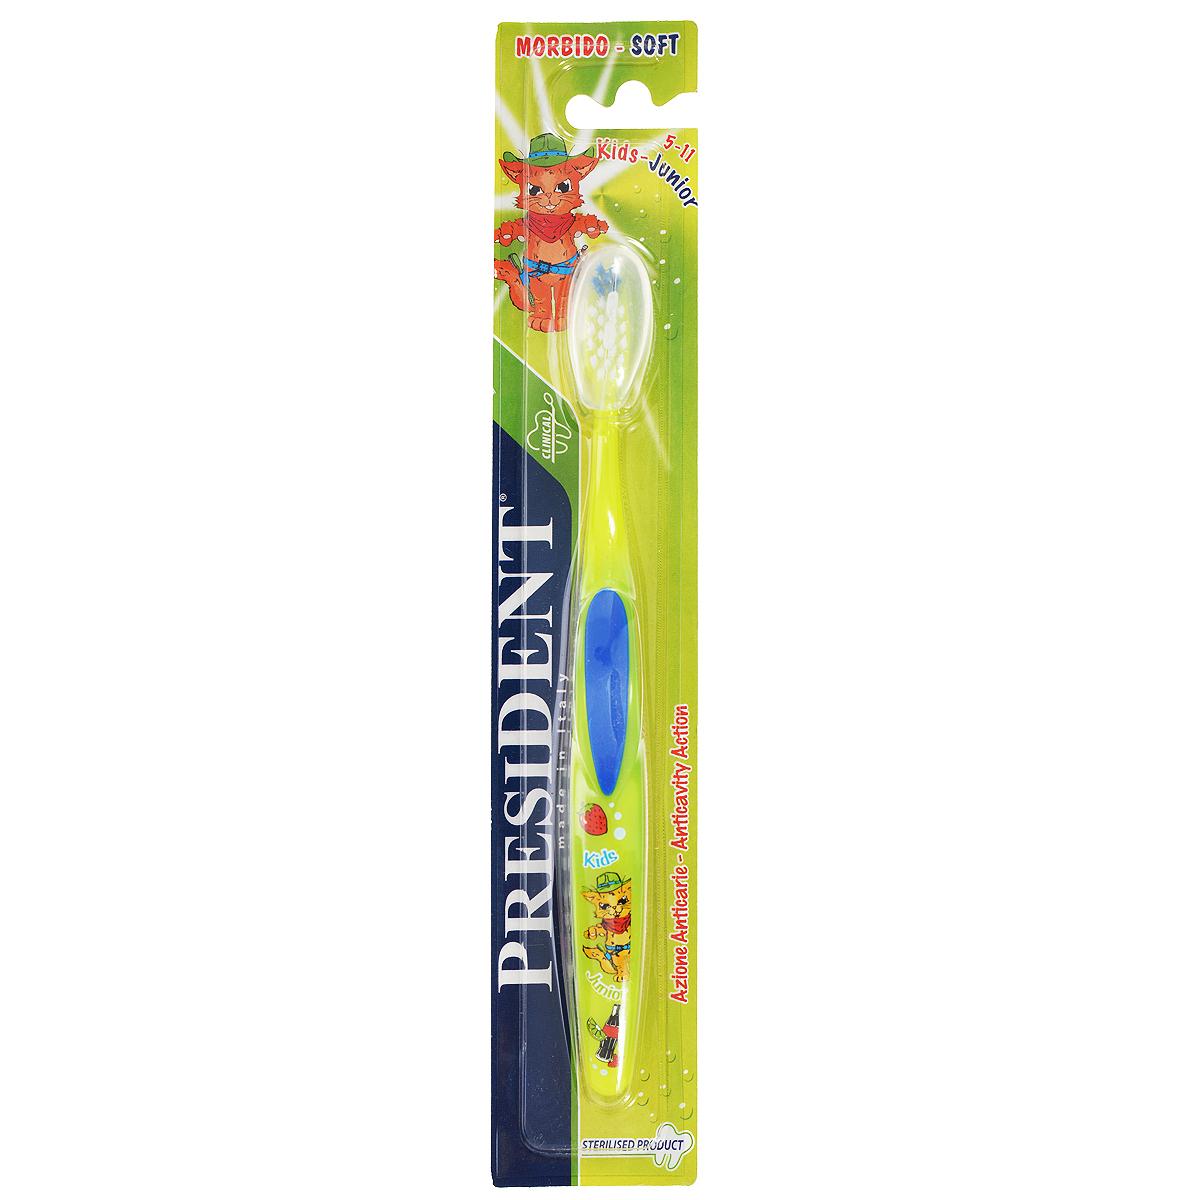 Детская зубная щетка President Kids-Junior, мягкая, цвет: синий, зеленый, 5-11 лет72624_зеленый,синийДетская зубная щетка President Kids-Junior идеально подходит для чистки зубов при сменном прикусе. Мягкие щетинки с закругленными кончиками эффективно и деликатно очищают зубы и межзубные промежутки, что особенно важно для предотвращения кариеса в период смены молочных зубов на постоянные. Ручка из мягкой резины позволяет надежно держать щетку во время использования. Товар сертифицирован.